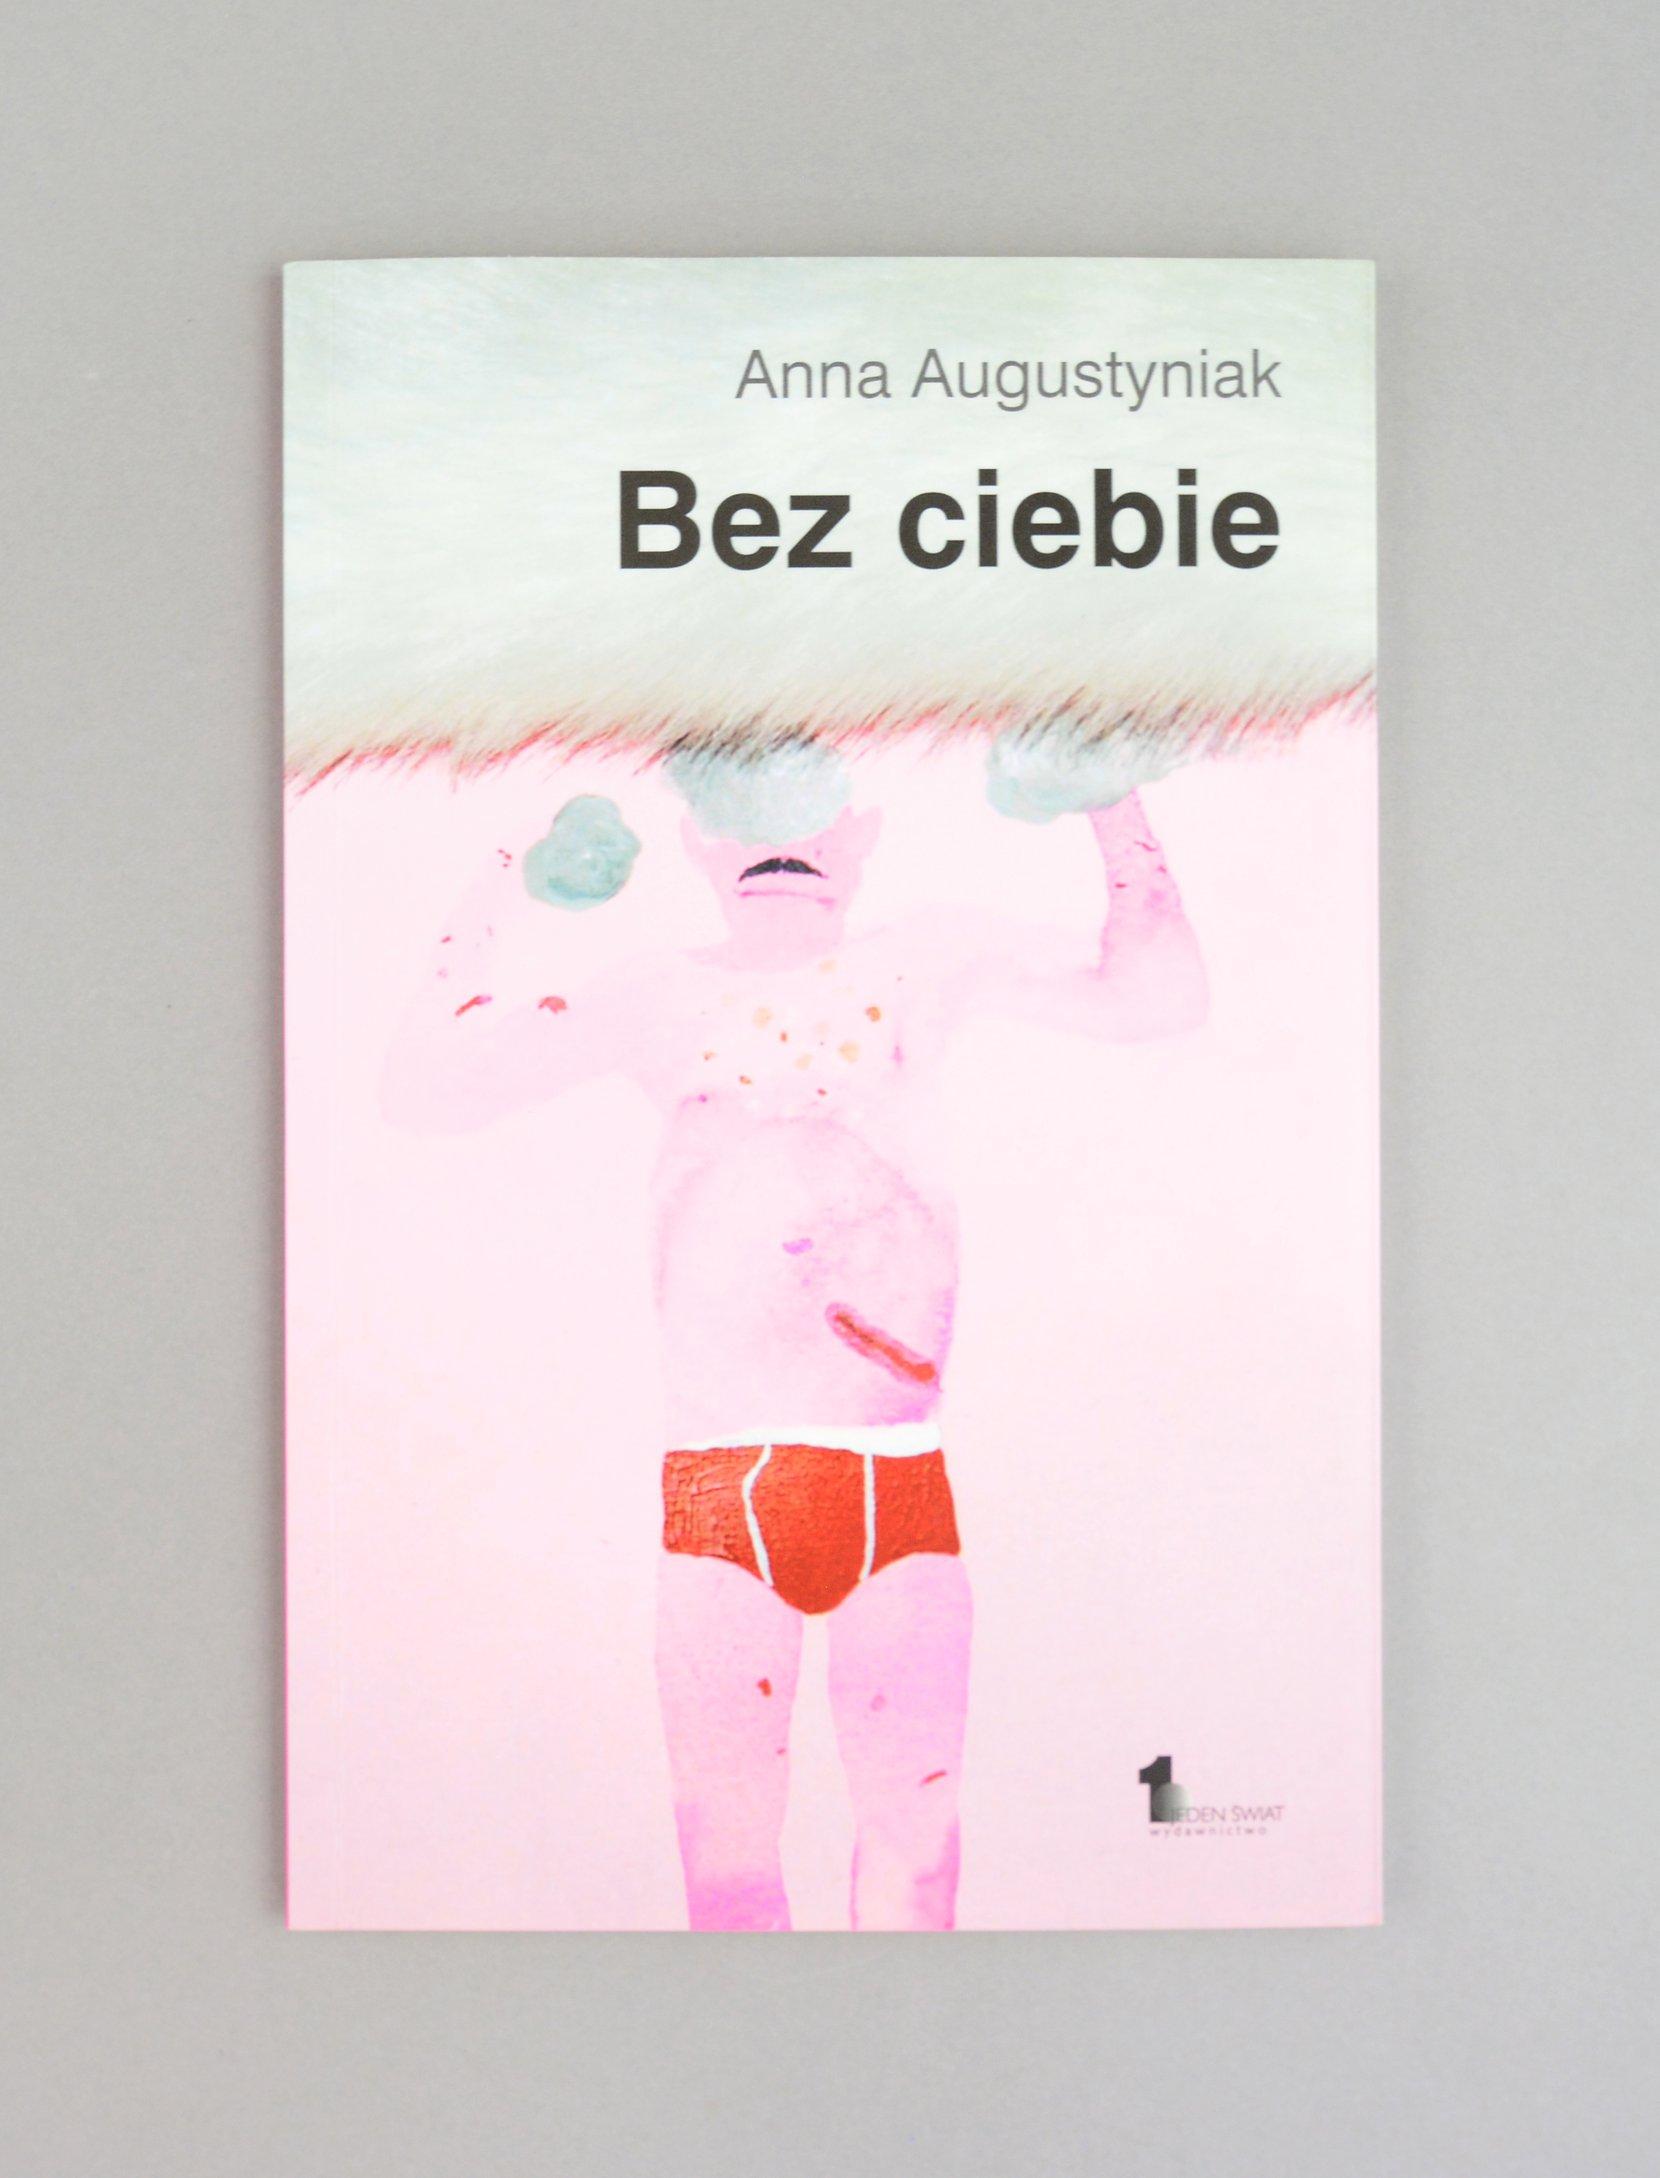 anna augustyniak: bez ciebie, 2015 books poetry Anna Augustyniak